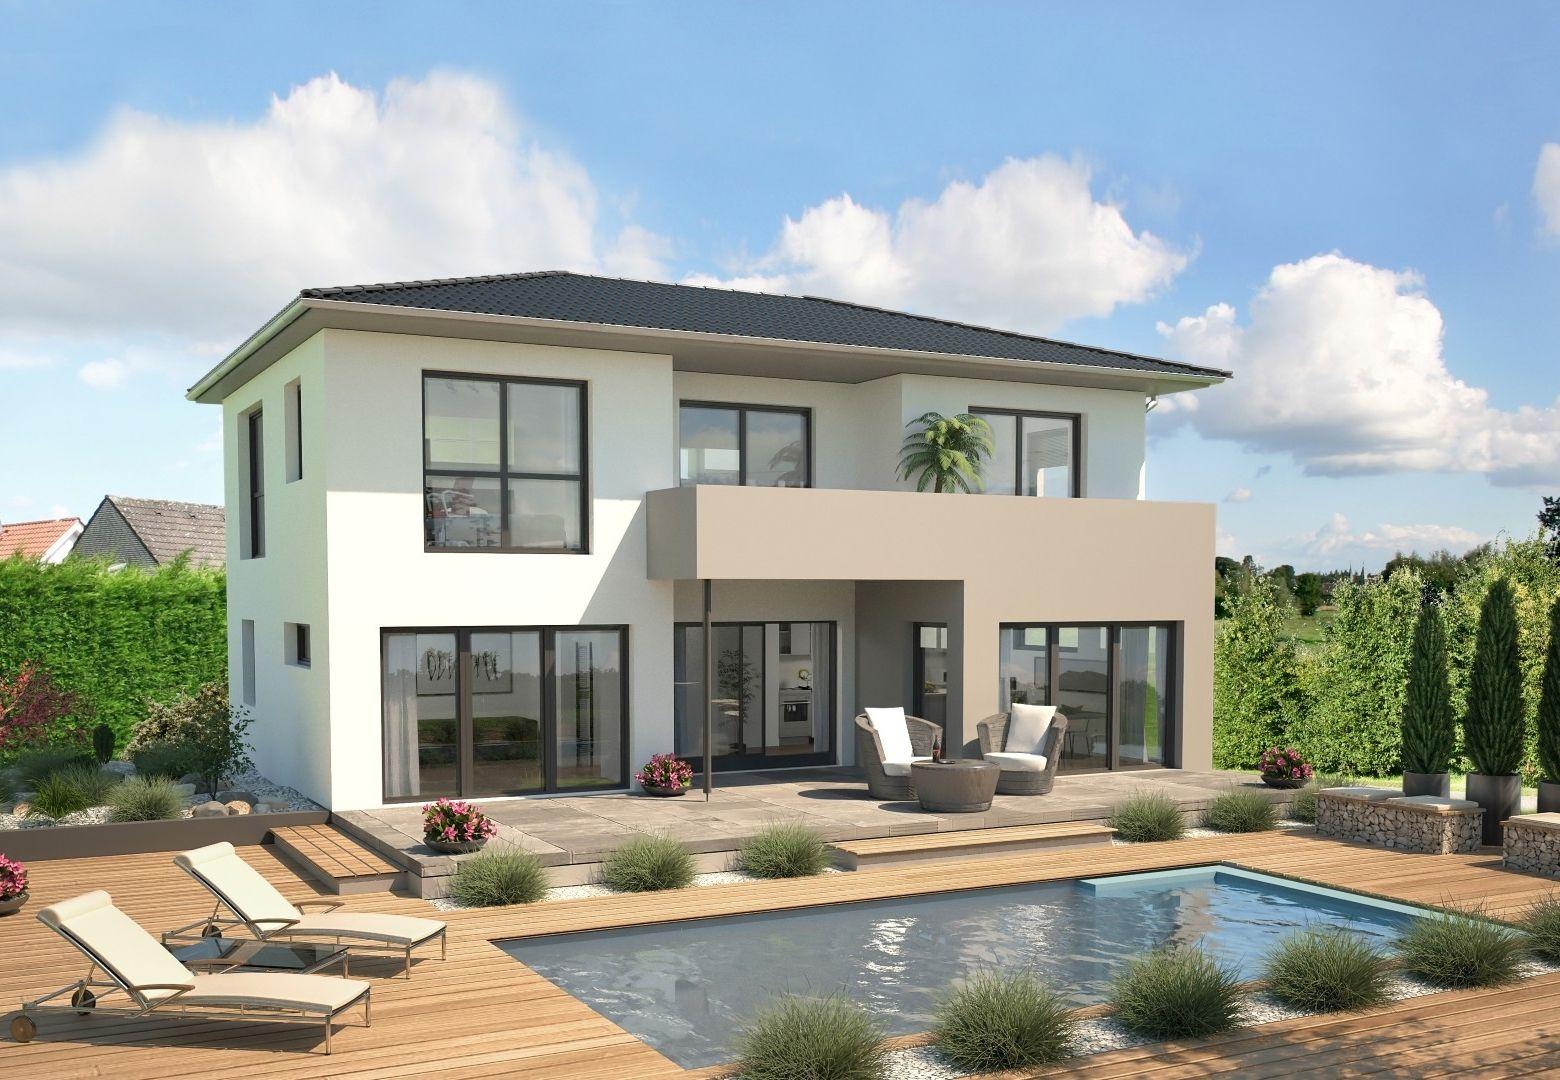 Stadtvilla modern  Ähnliches Foto | Modern House Exteriors | Pinterest | Haus bauen ...